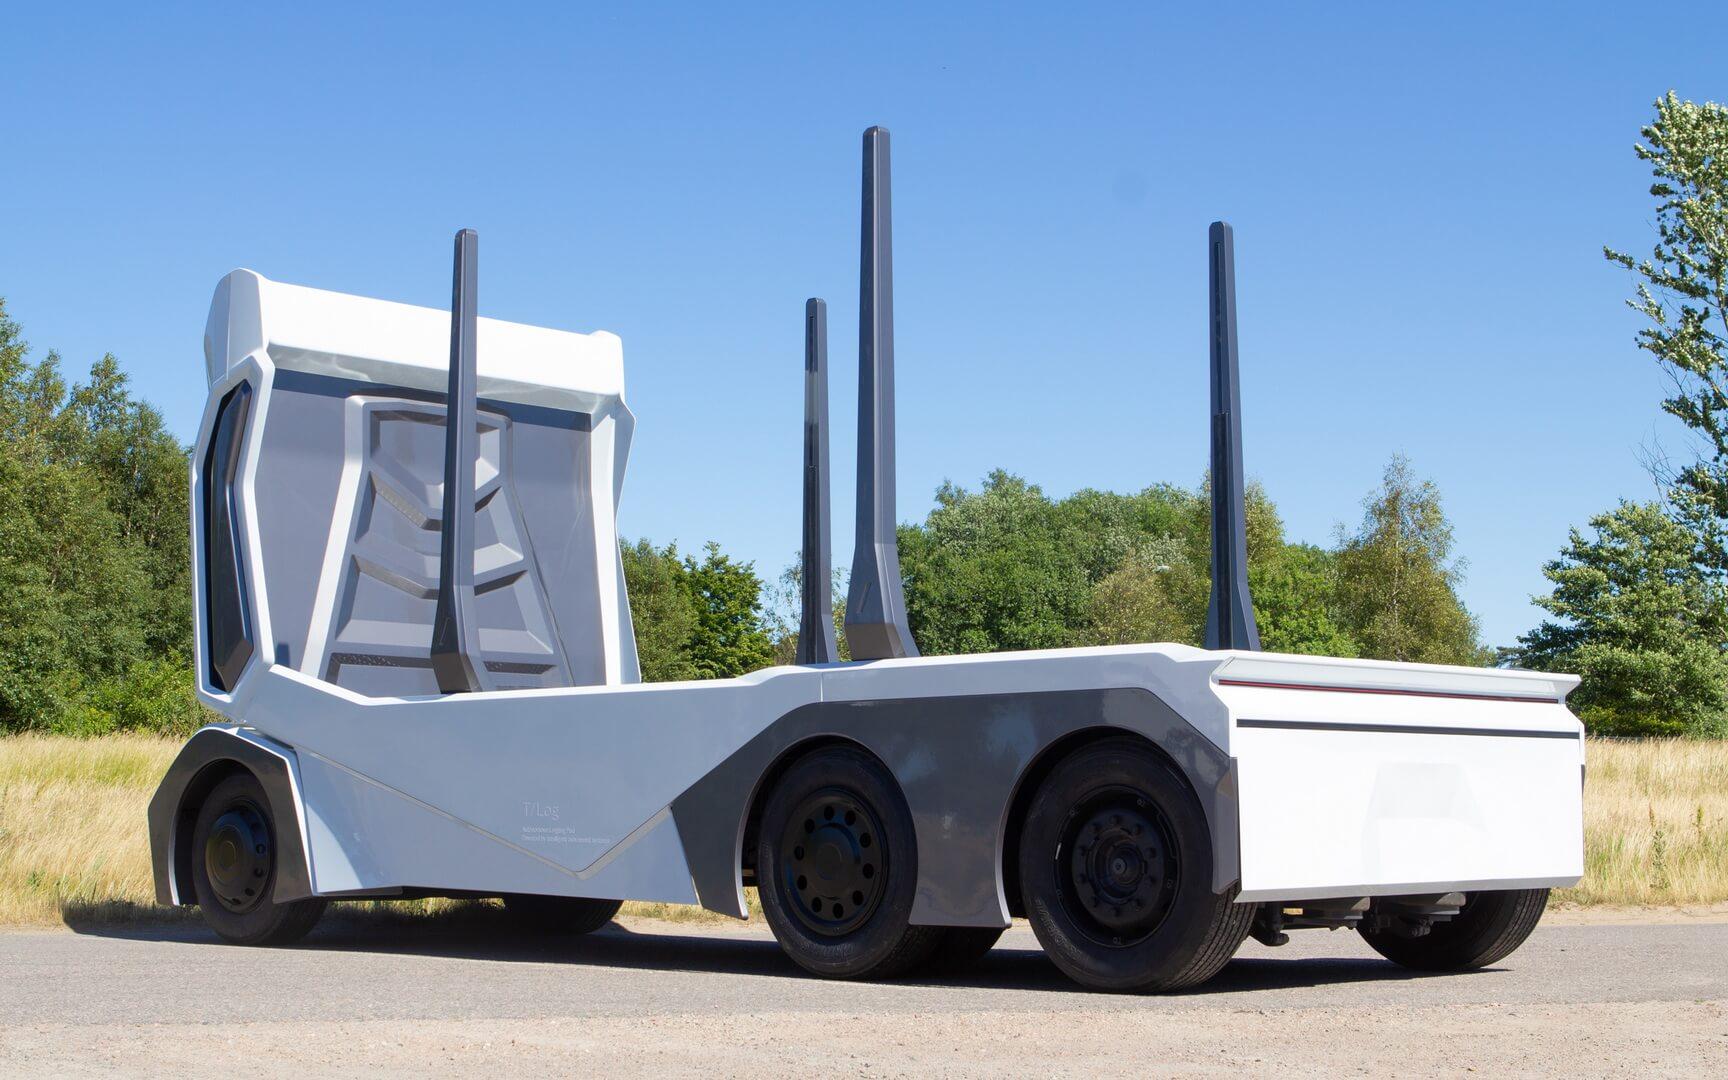 Полностью электрический автономный грузовик T/log — вид сзади